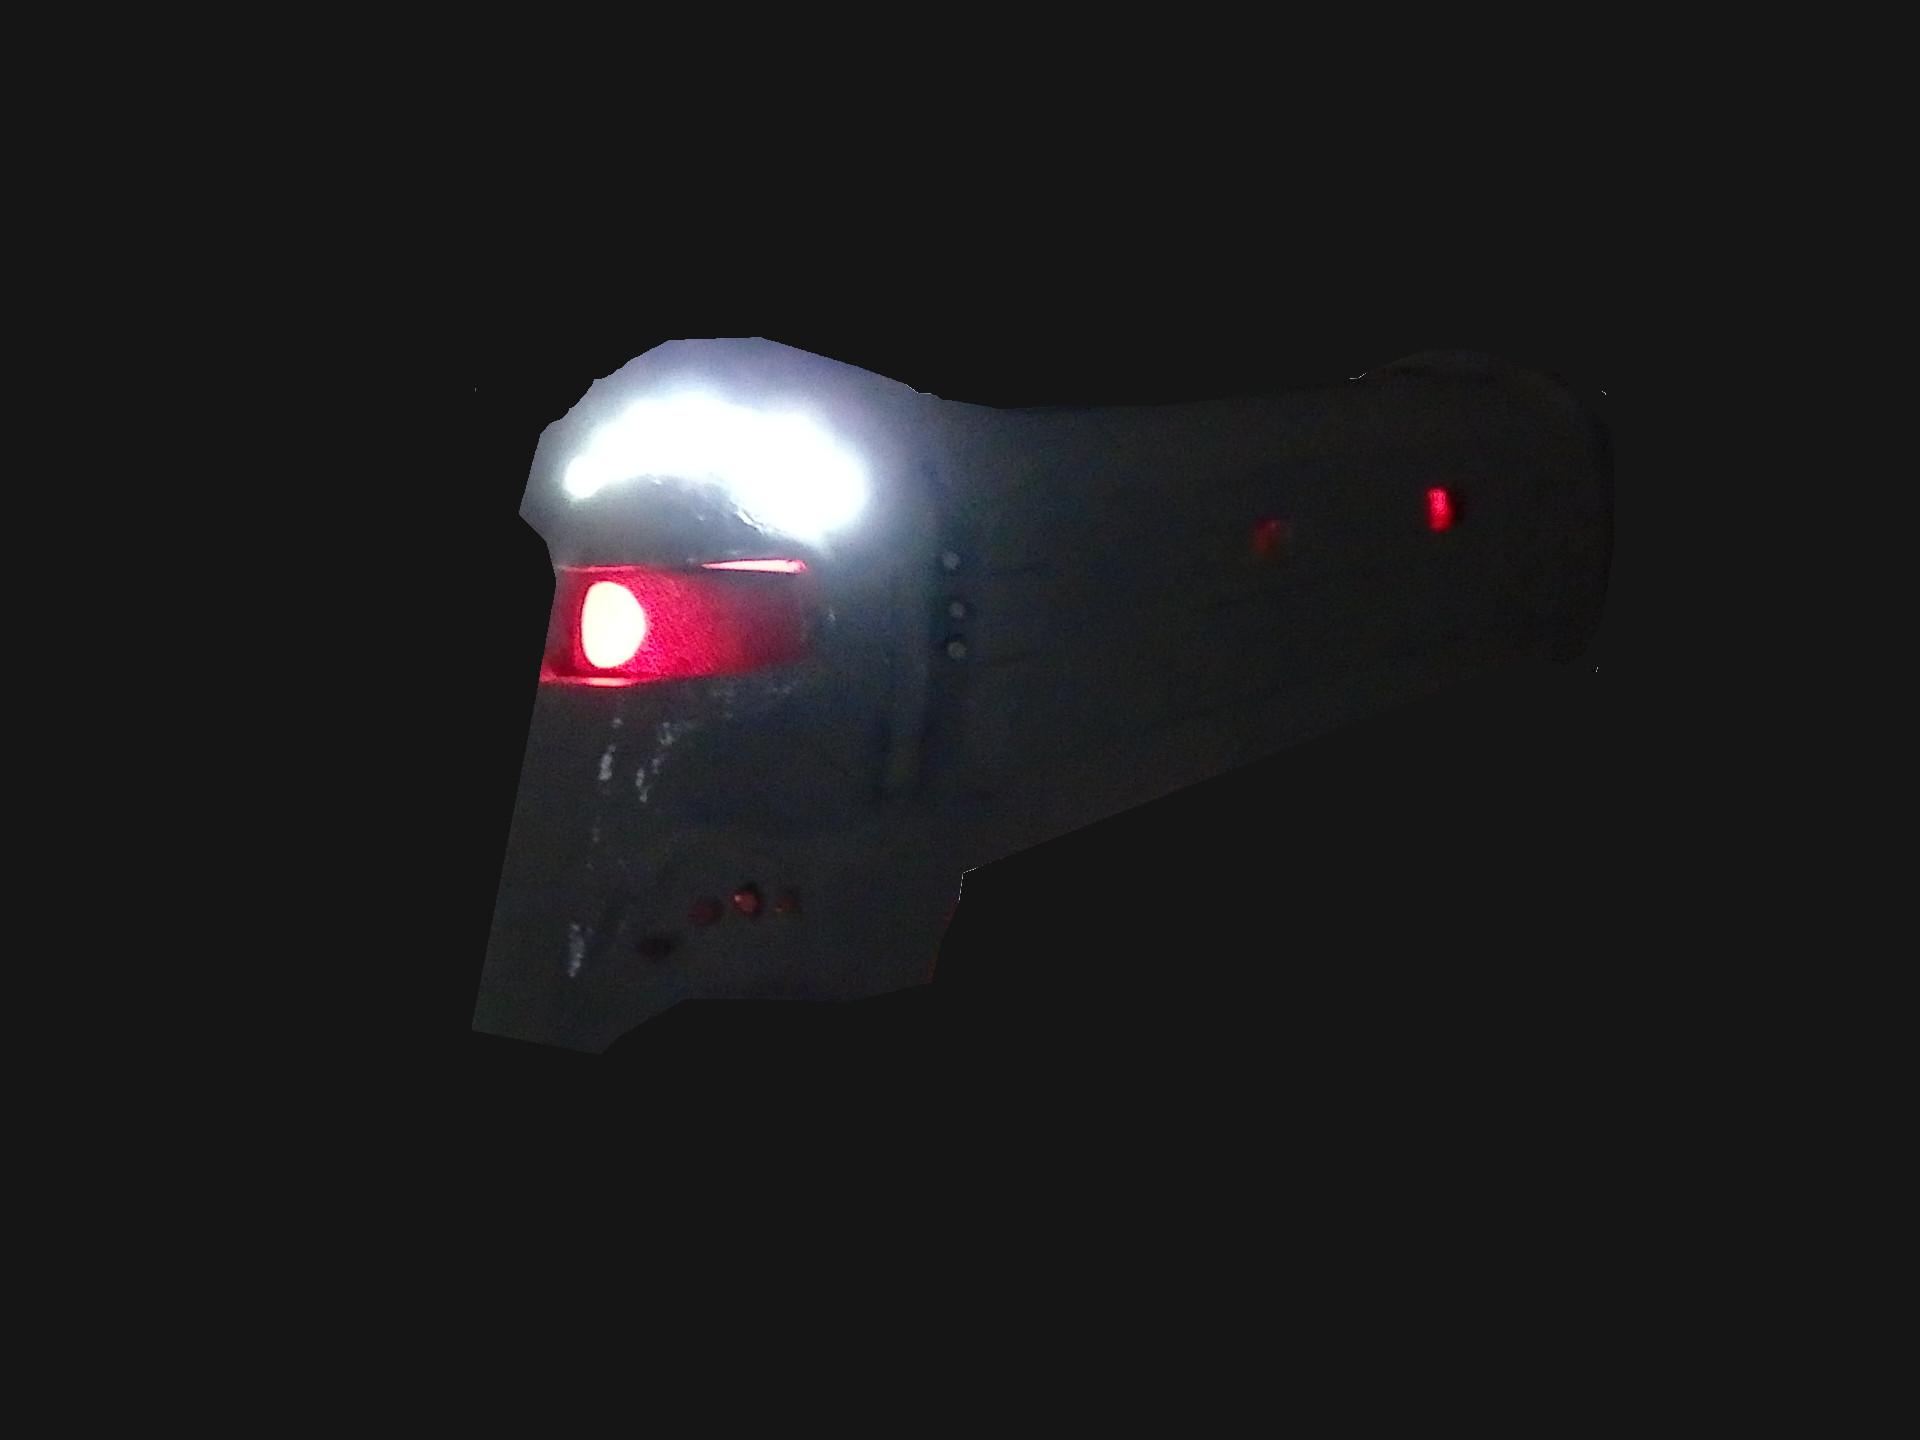 上部ヘッドライトと同時点灯させた状態。